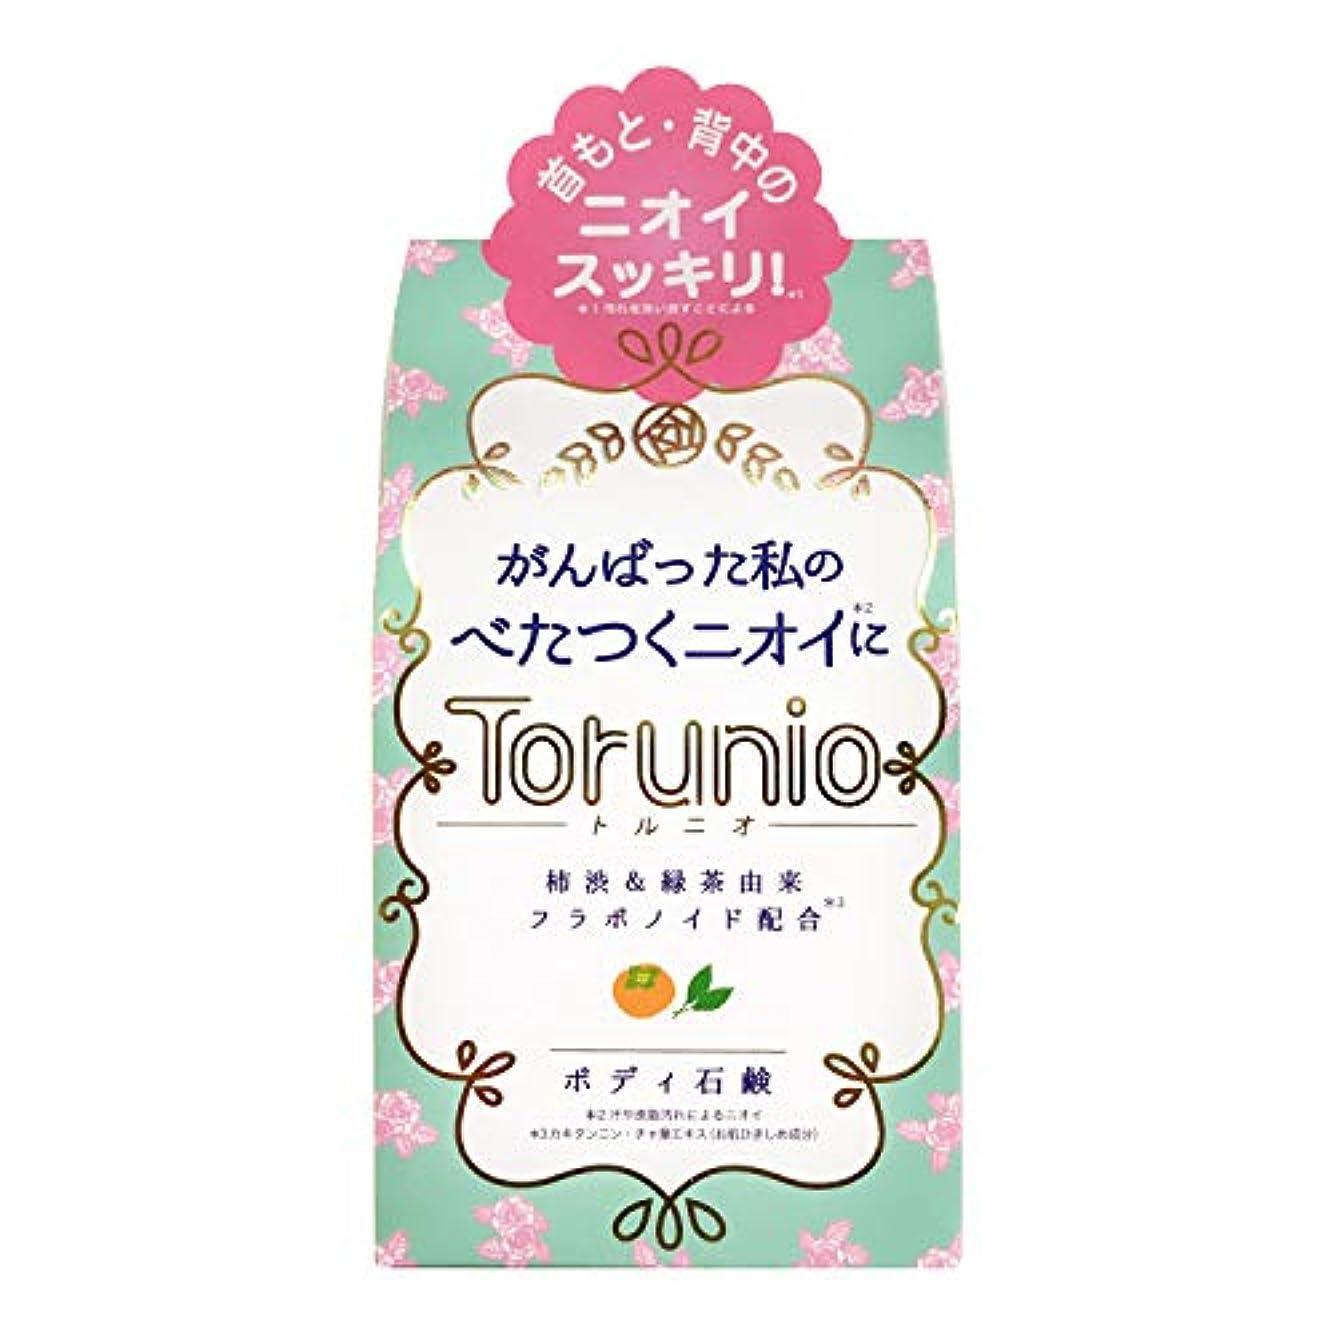 くすぐったい機関車ライムTorunio(トルニオ)石鹸 100g